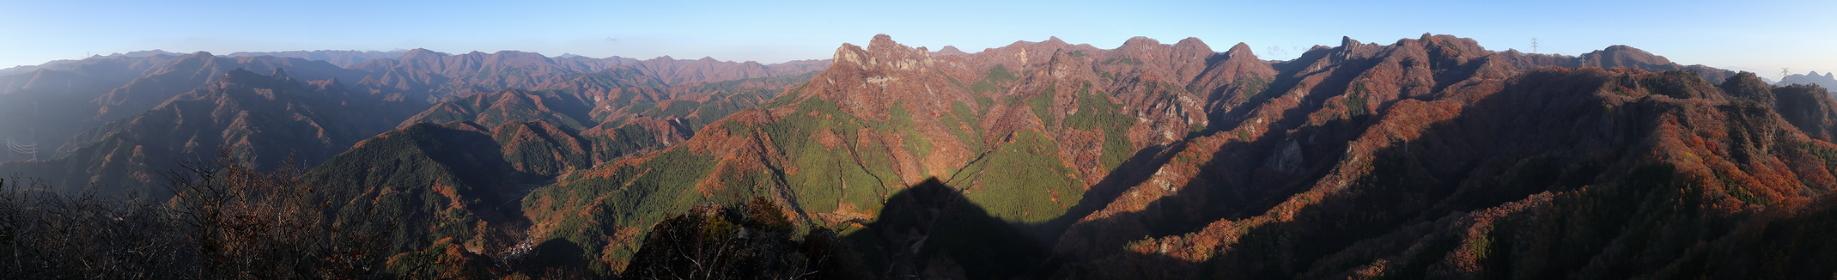 群馬県・大屋山頂上からの展望 (朝焼け)(秋/紅葉)(パノラマ)